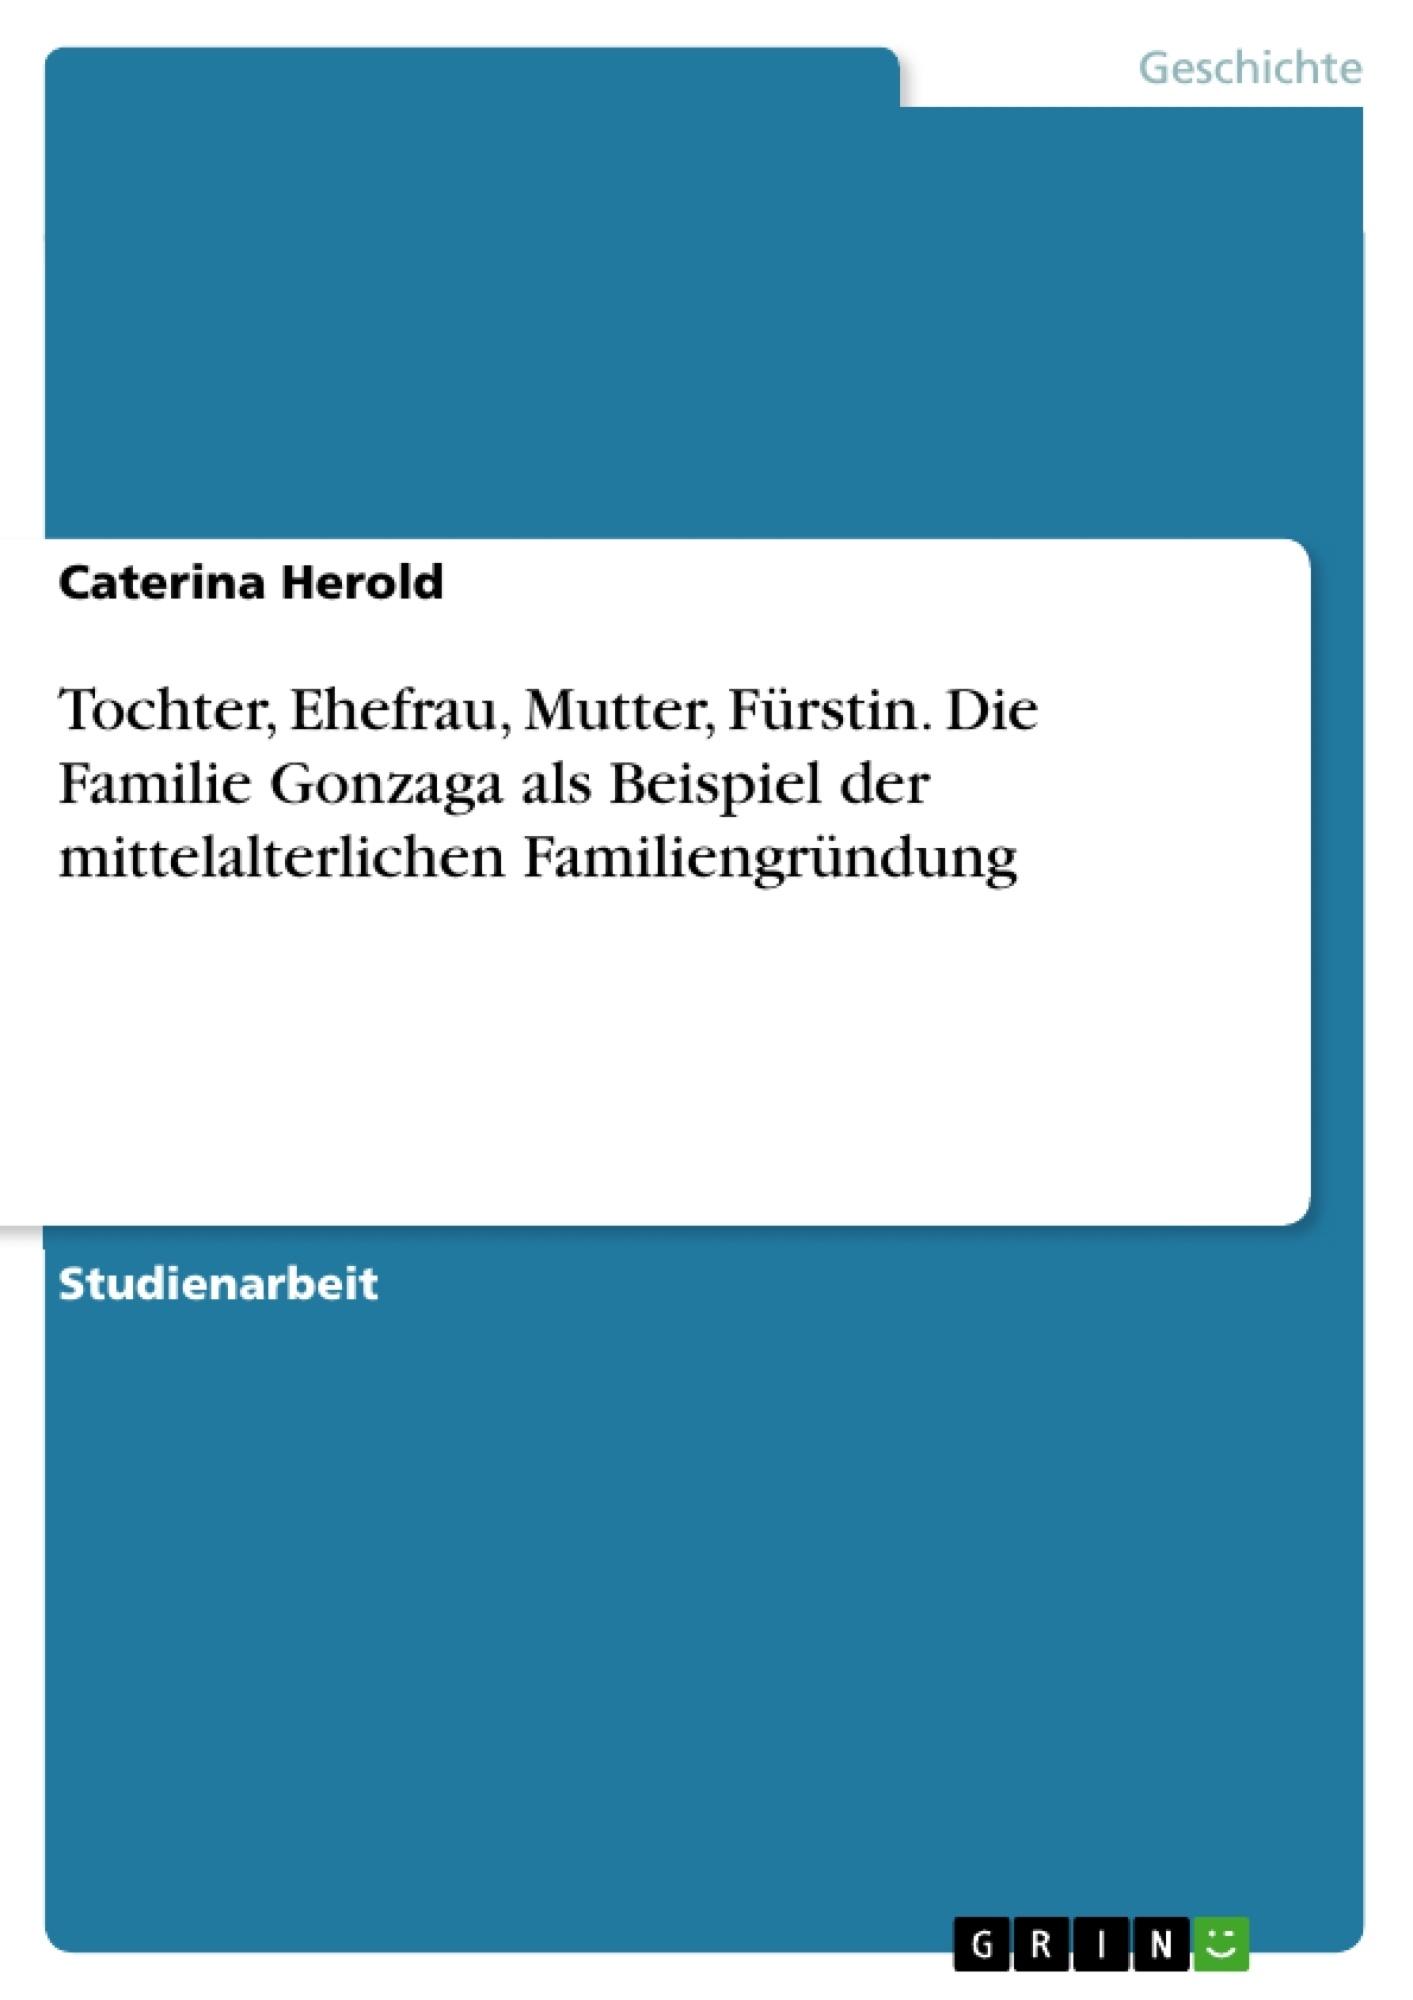 Titel: Tochter, Ehefrau, Mutter, Fürstin. Die Familie Gonzaga als Beispiel der mittelalterlichen Familiengründung